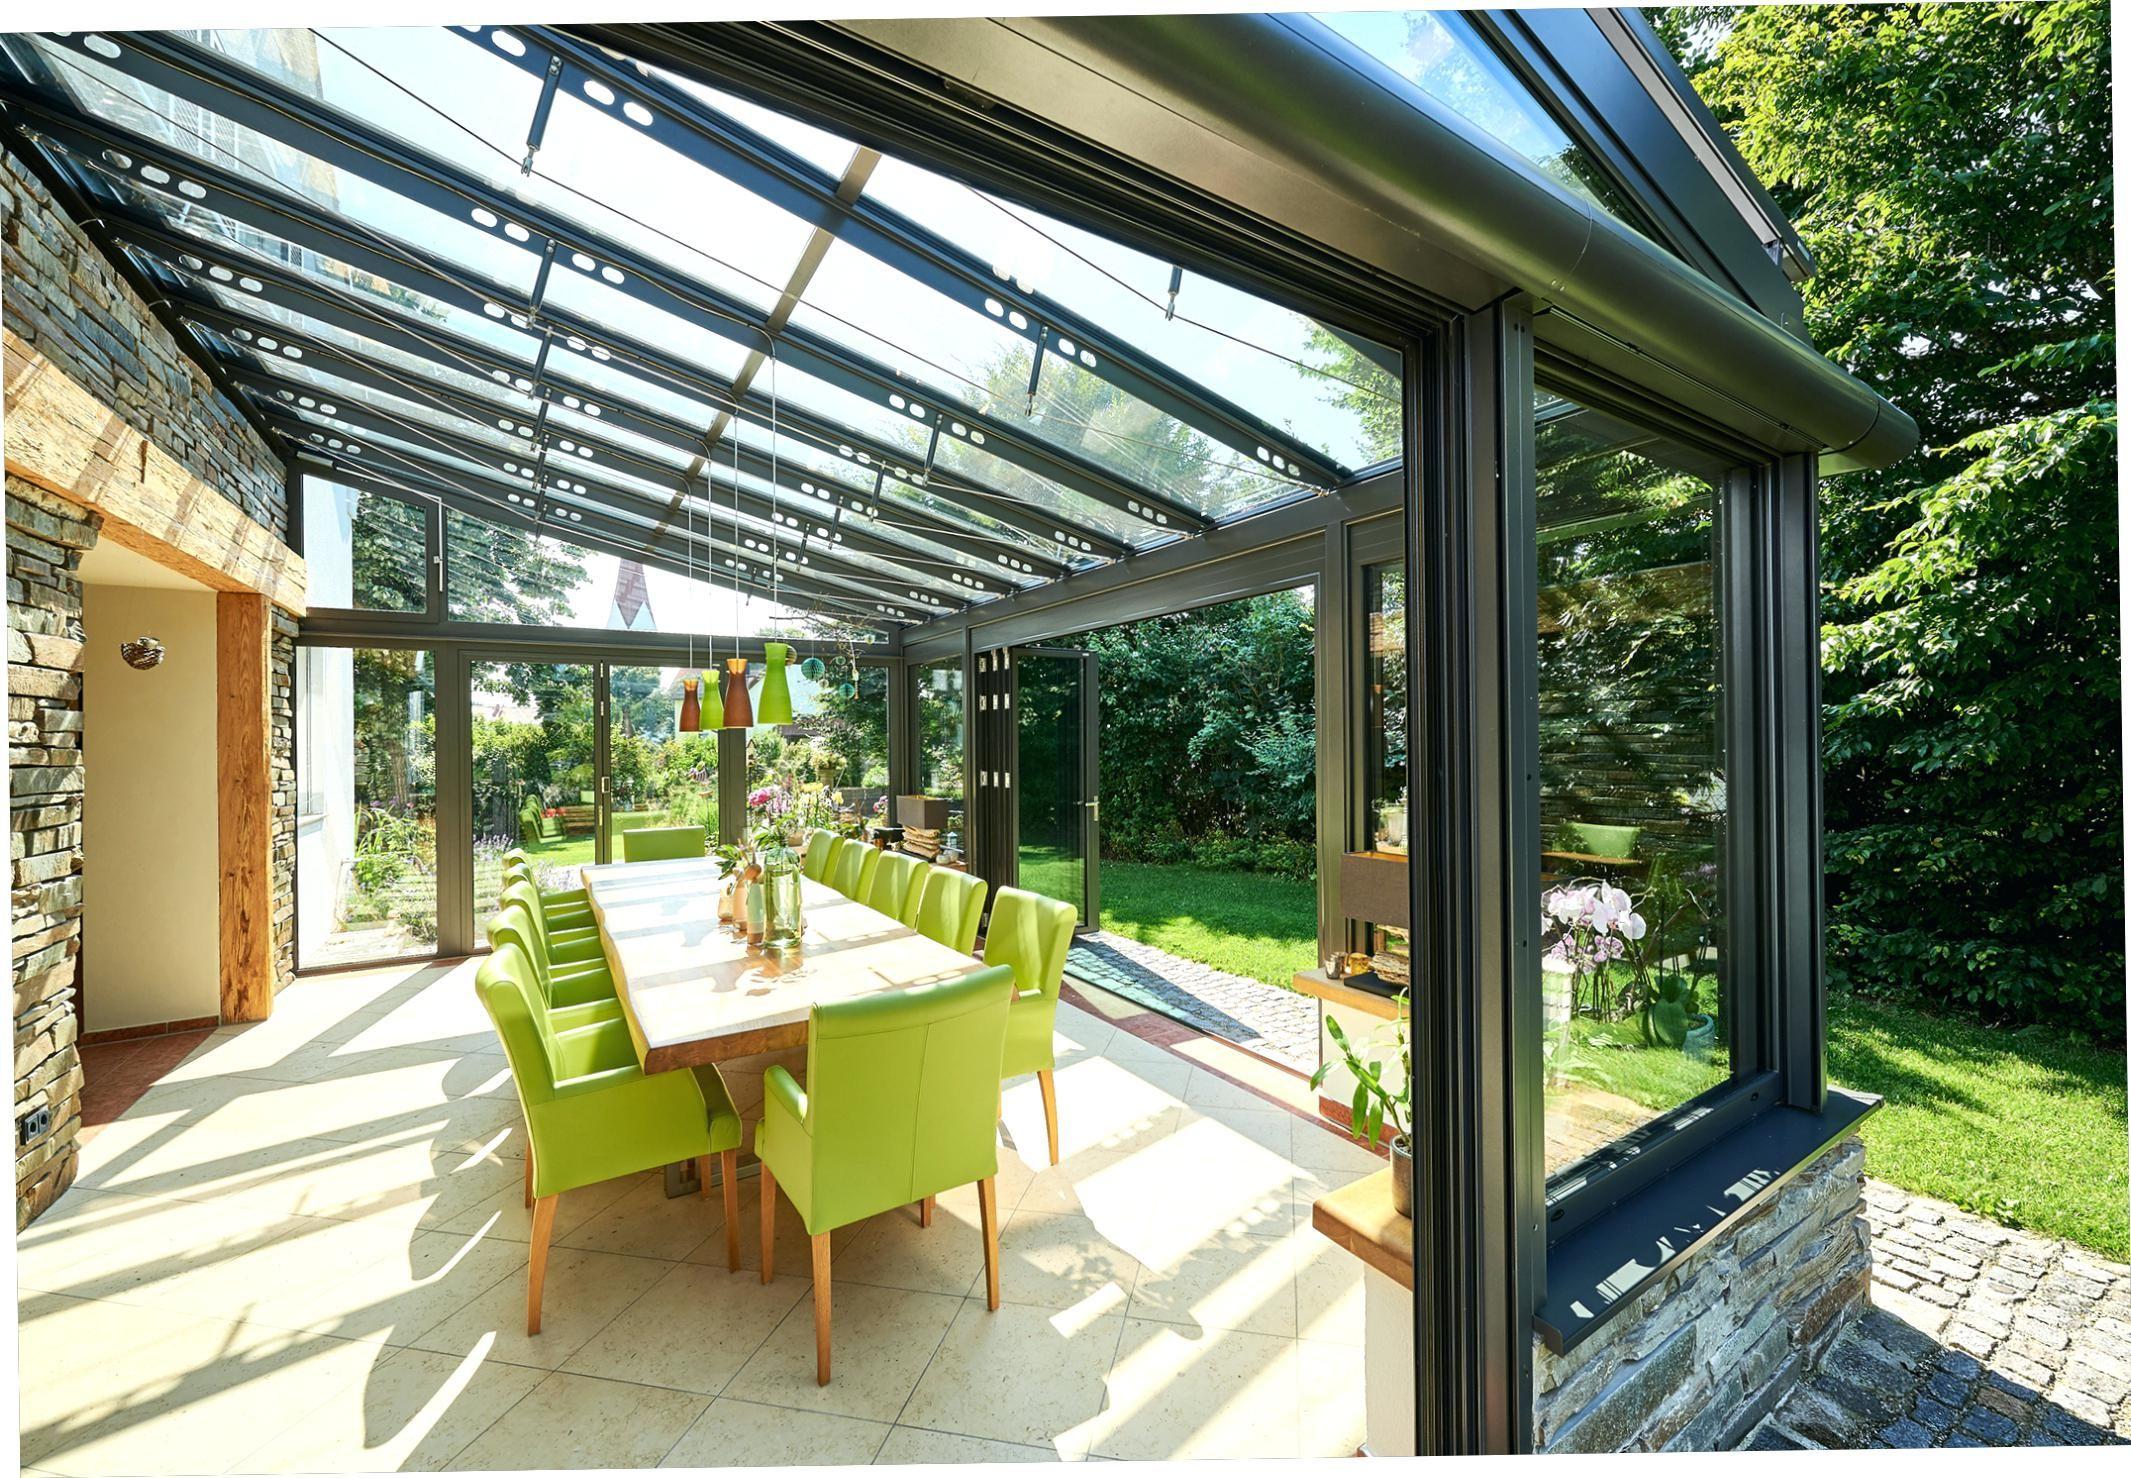 Haus Planen Full Size Of Wintergarten Einen Passend Zum Wohnen